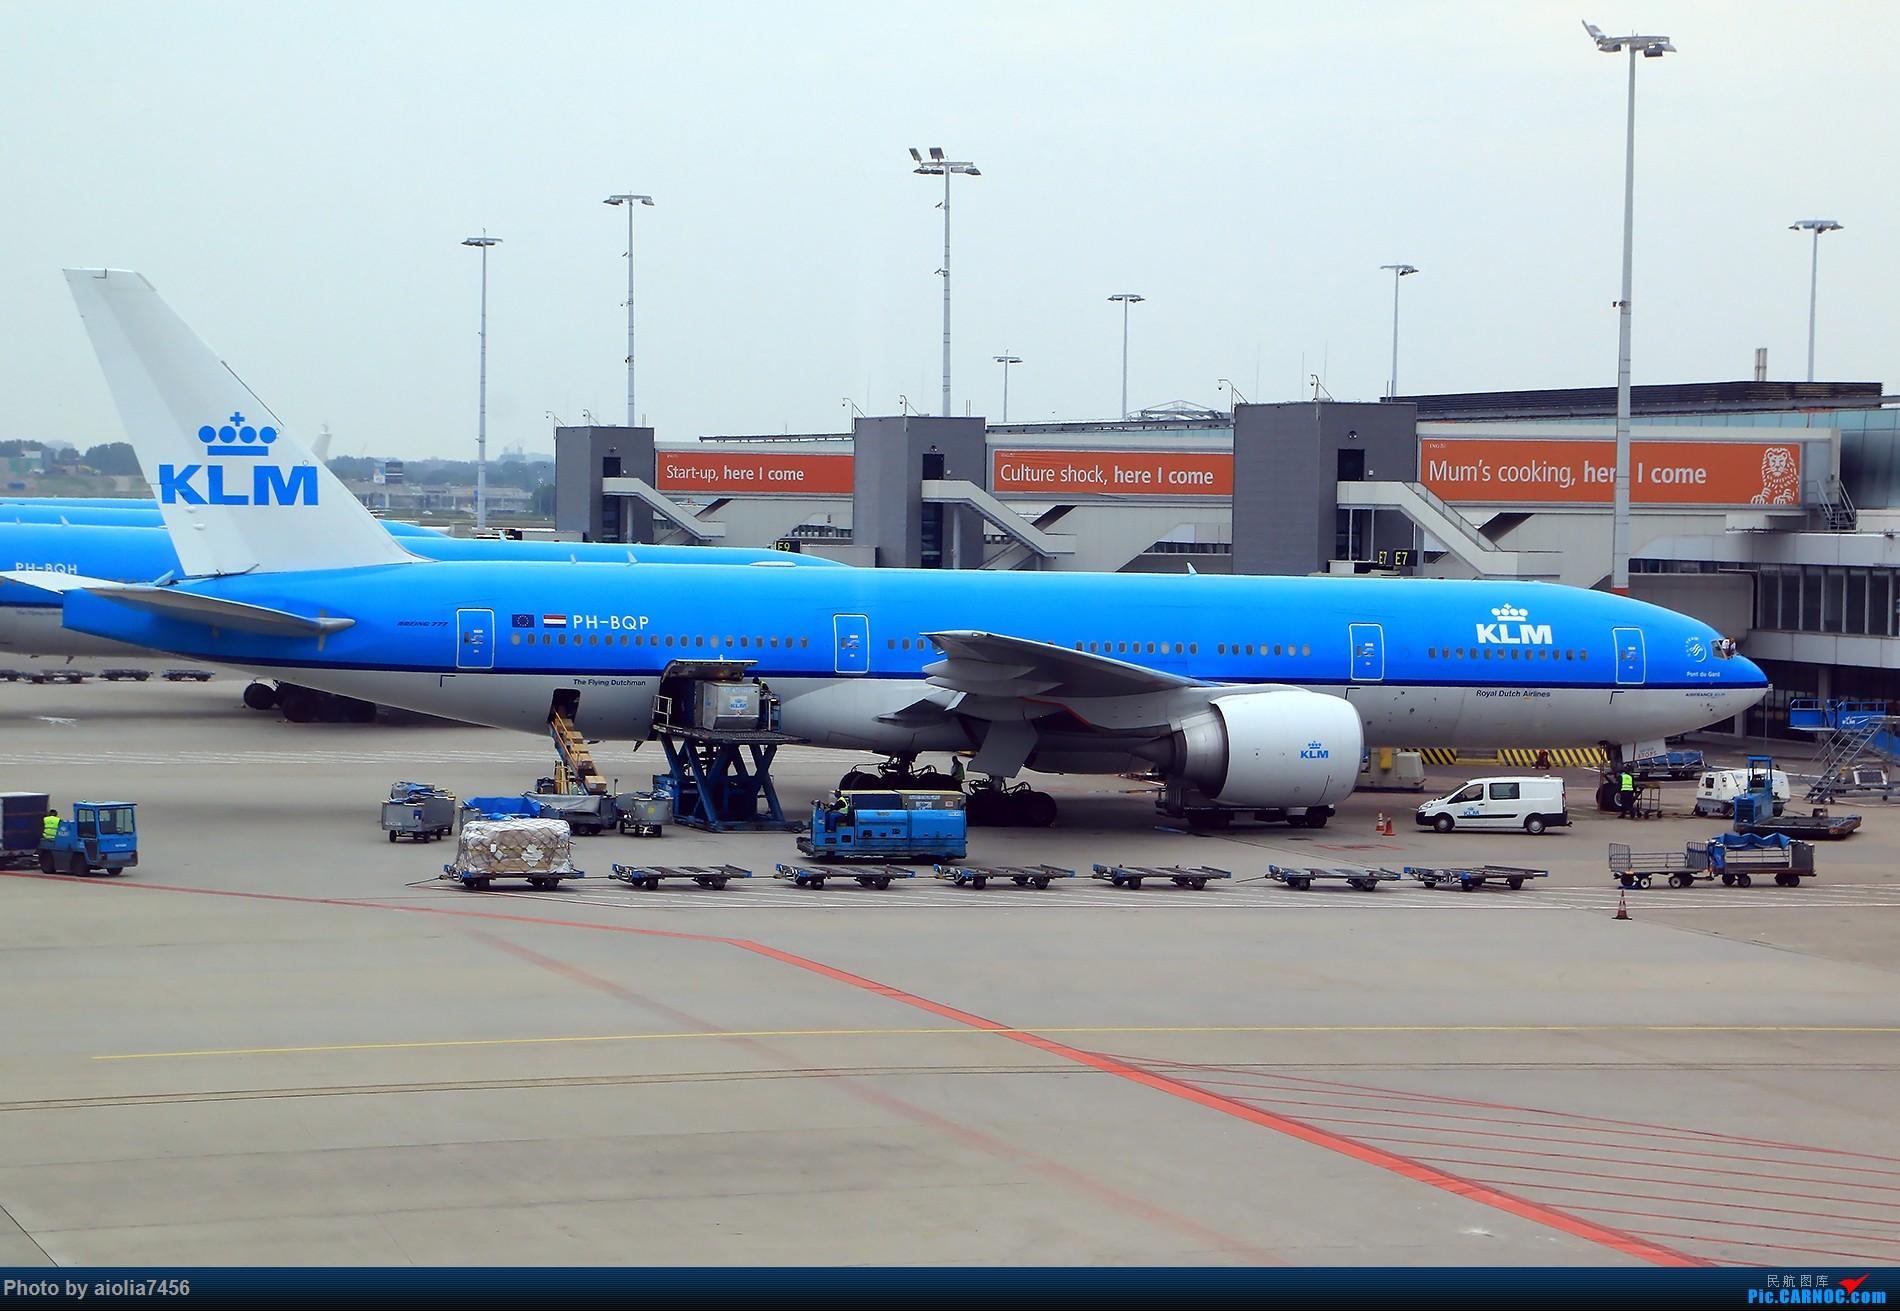 Re:[原创]【合肥飞友会】西行归来第二弹--西行拍机 BOEING 777-300 PH-BQP 荷兰阿姆斯特丹史基浦机场